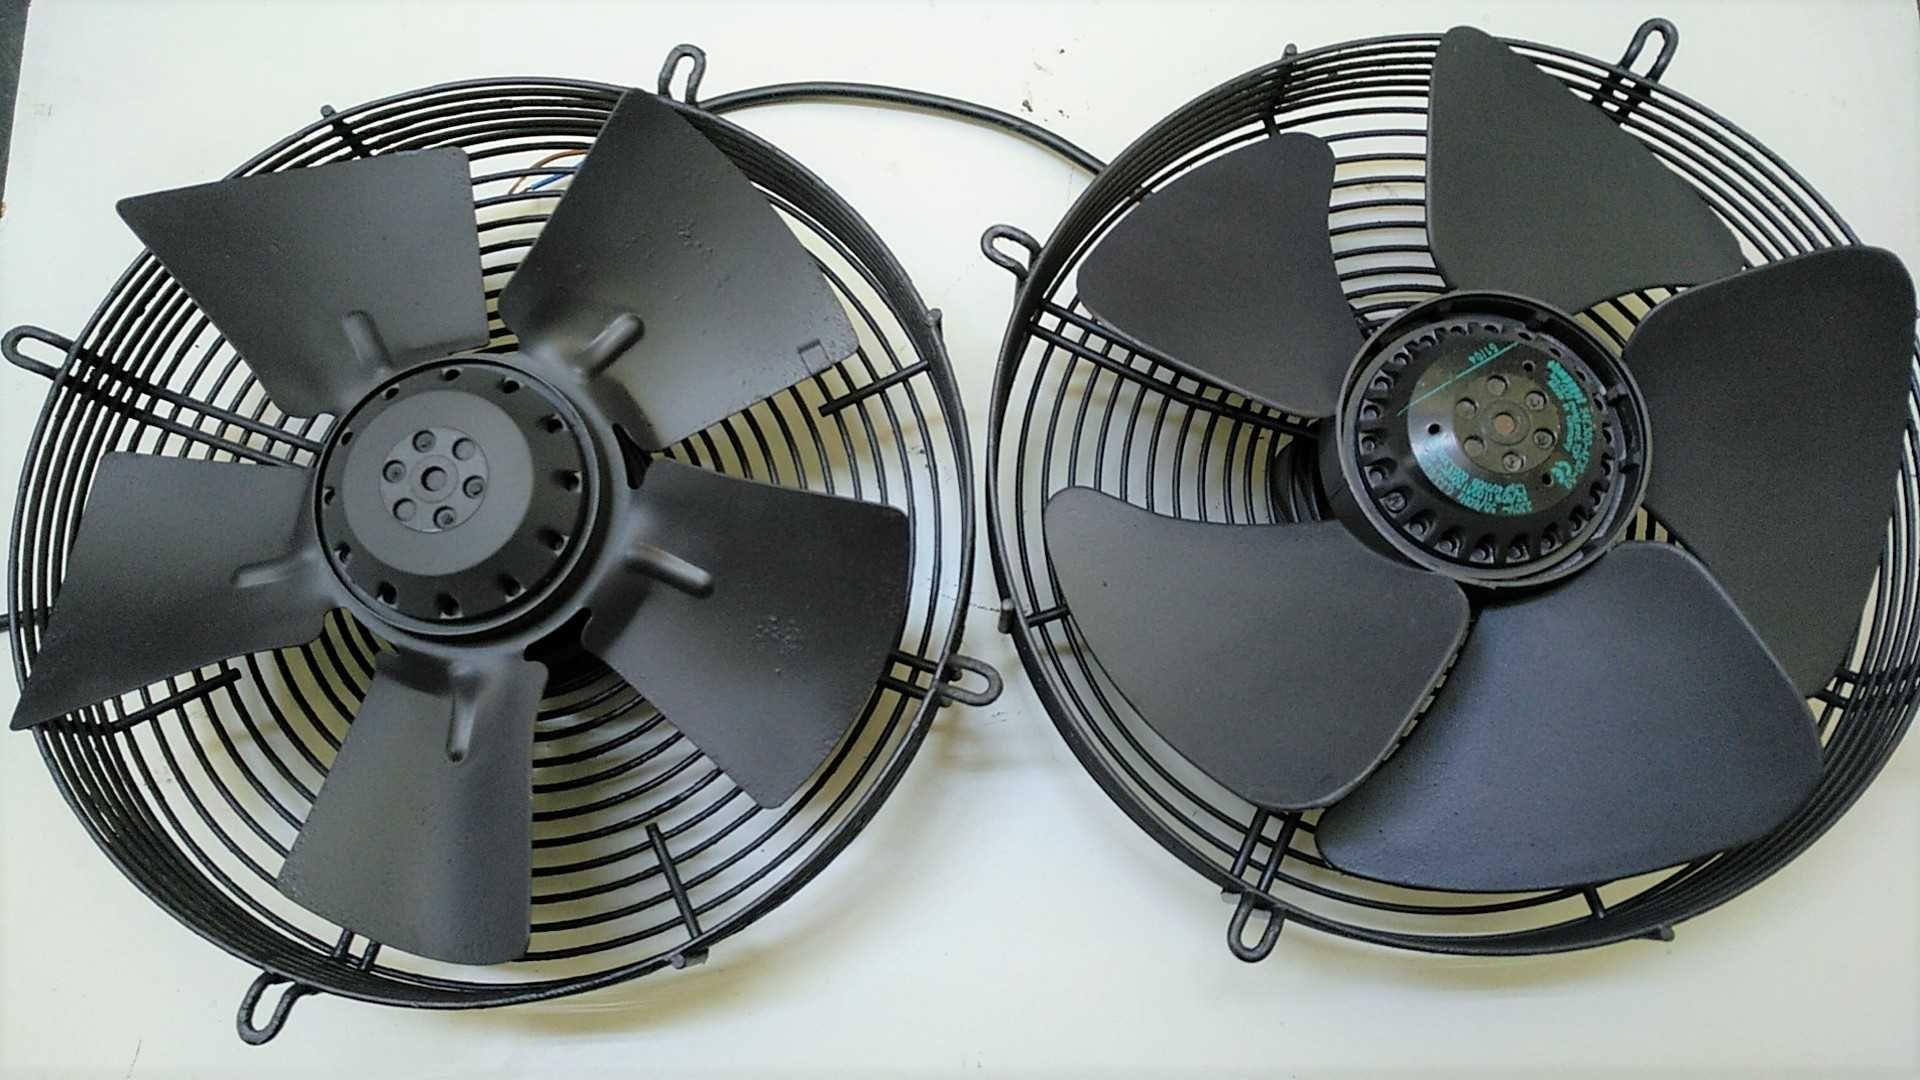 Ventiladores / exratores industriais monofásicos